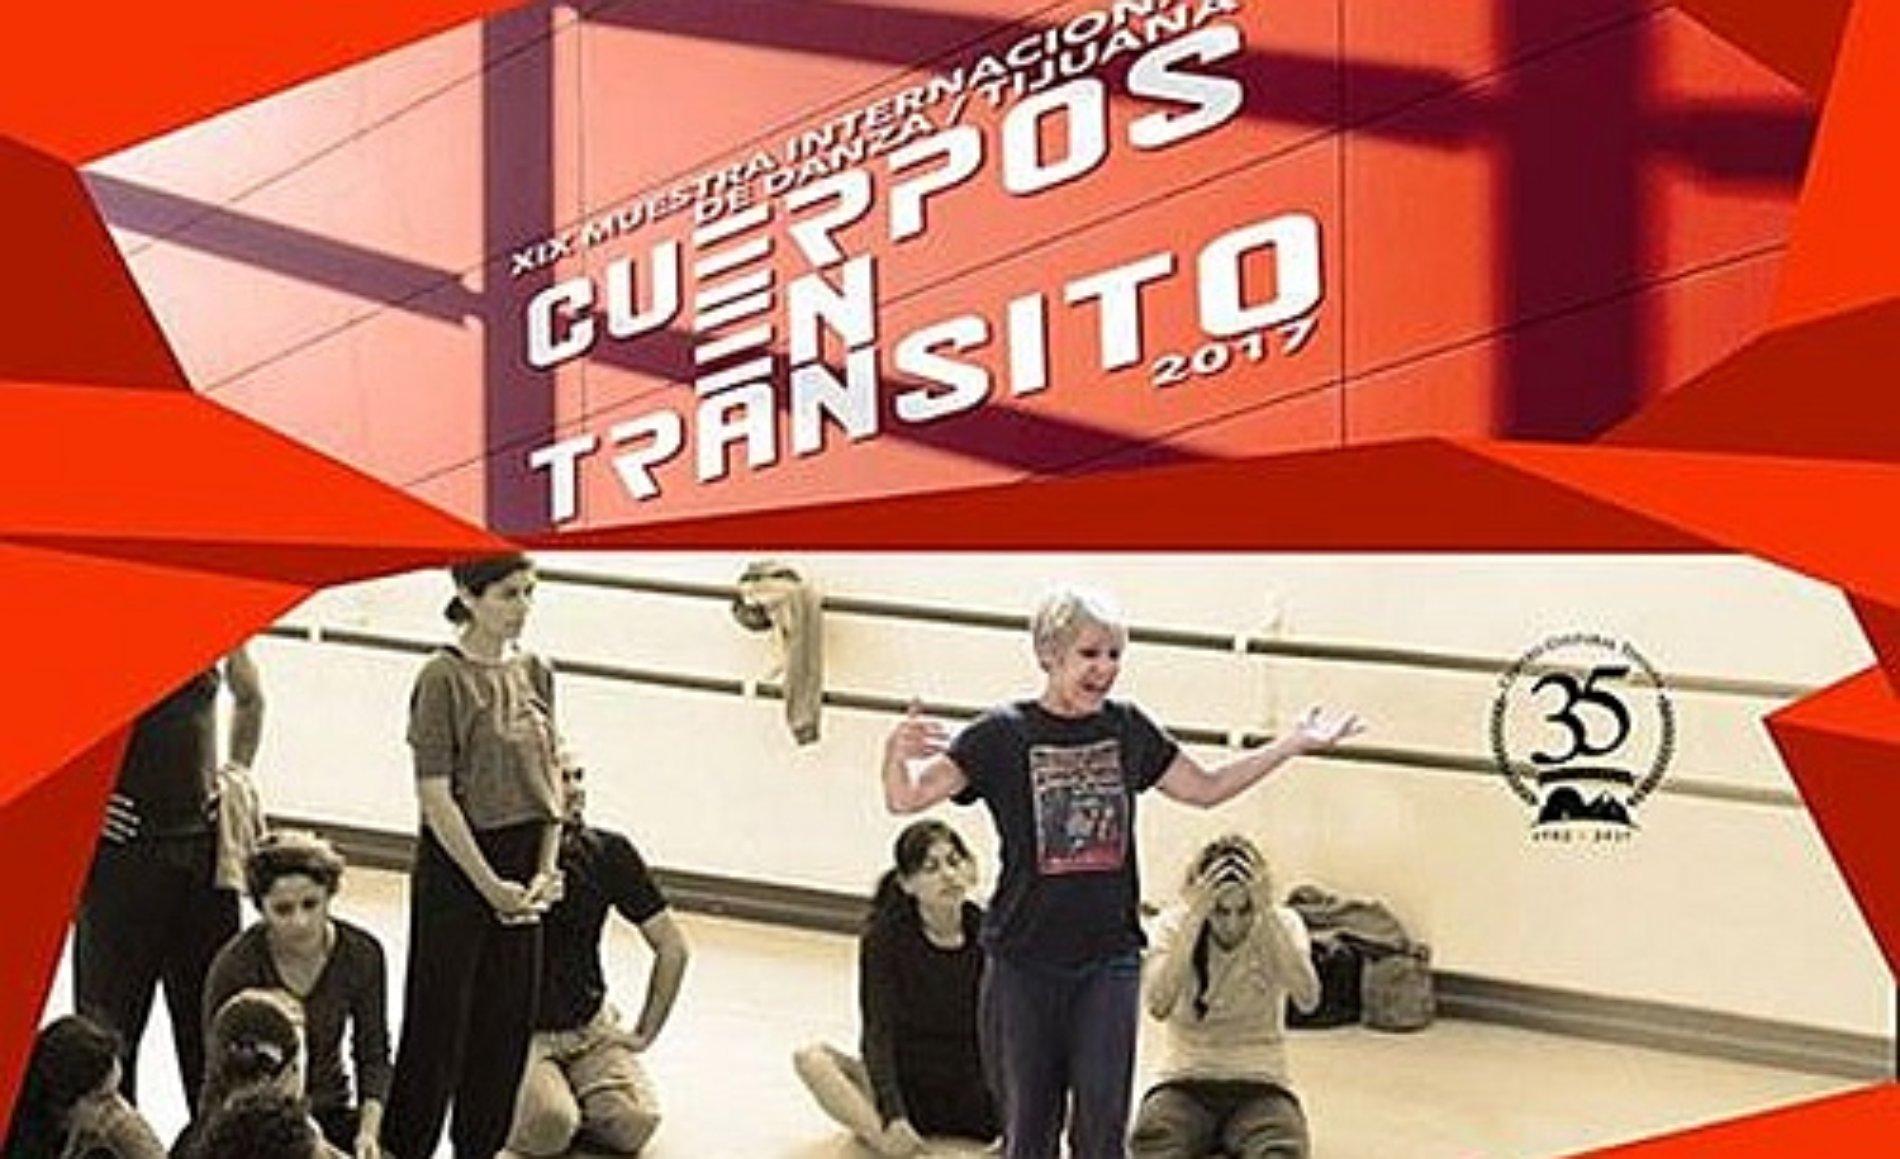 La XIX muestra internacional de danza/Tijuana cuerpos en tránsito